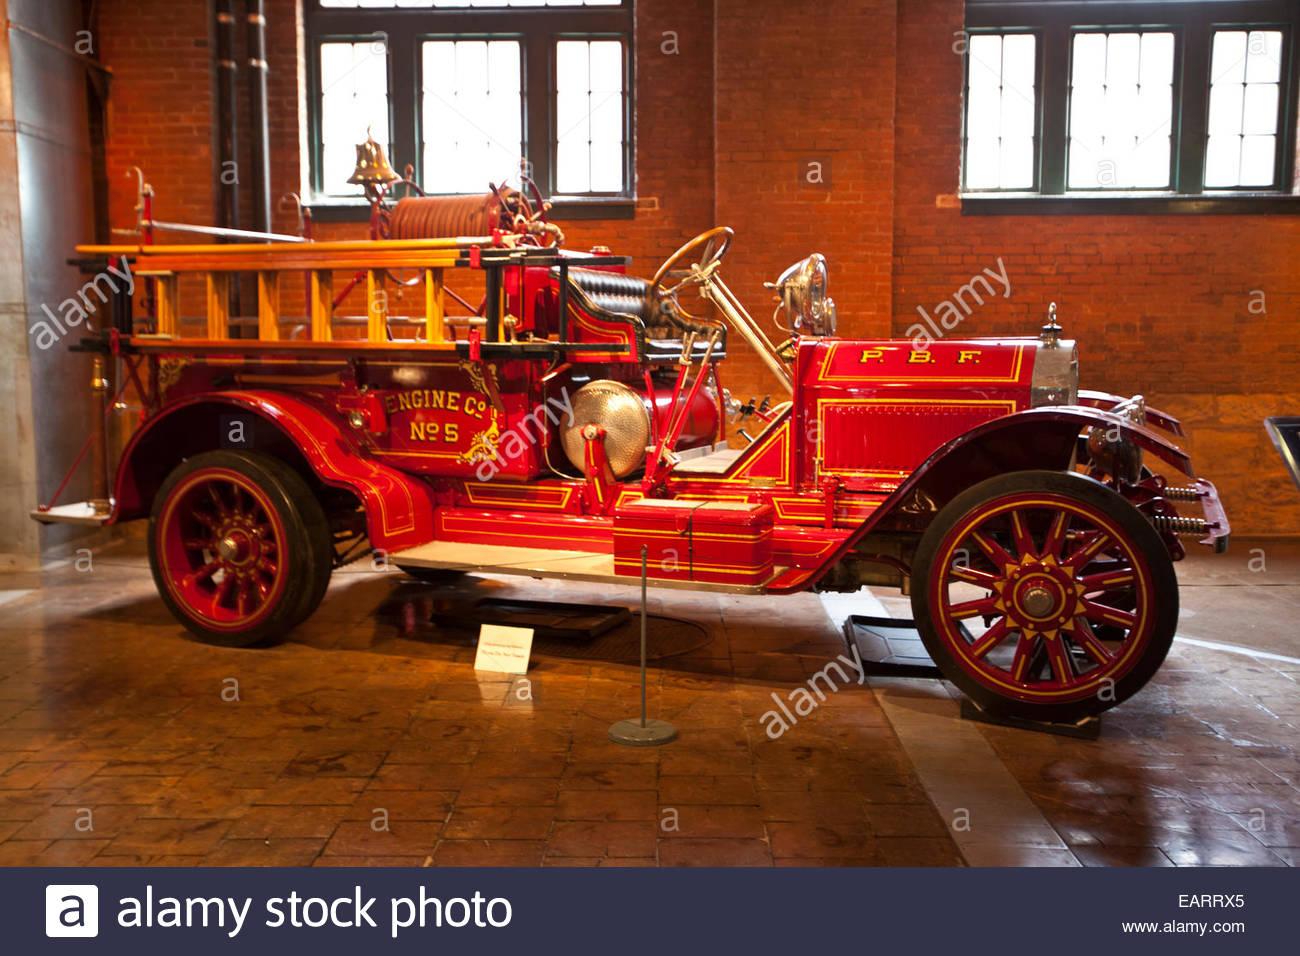 Un vintage de principios del siglo XX motor de fuego. Imagen De Stock